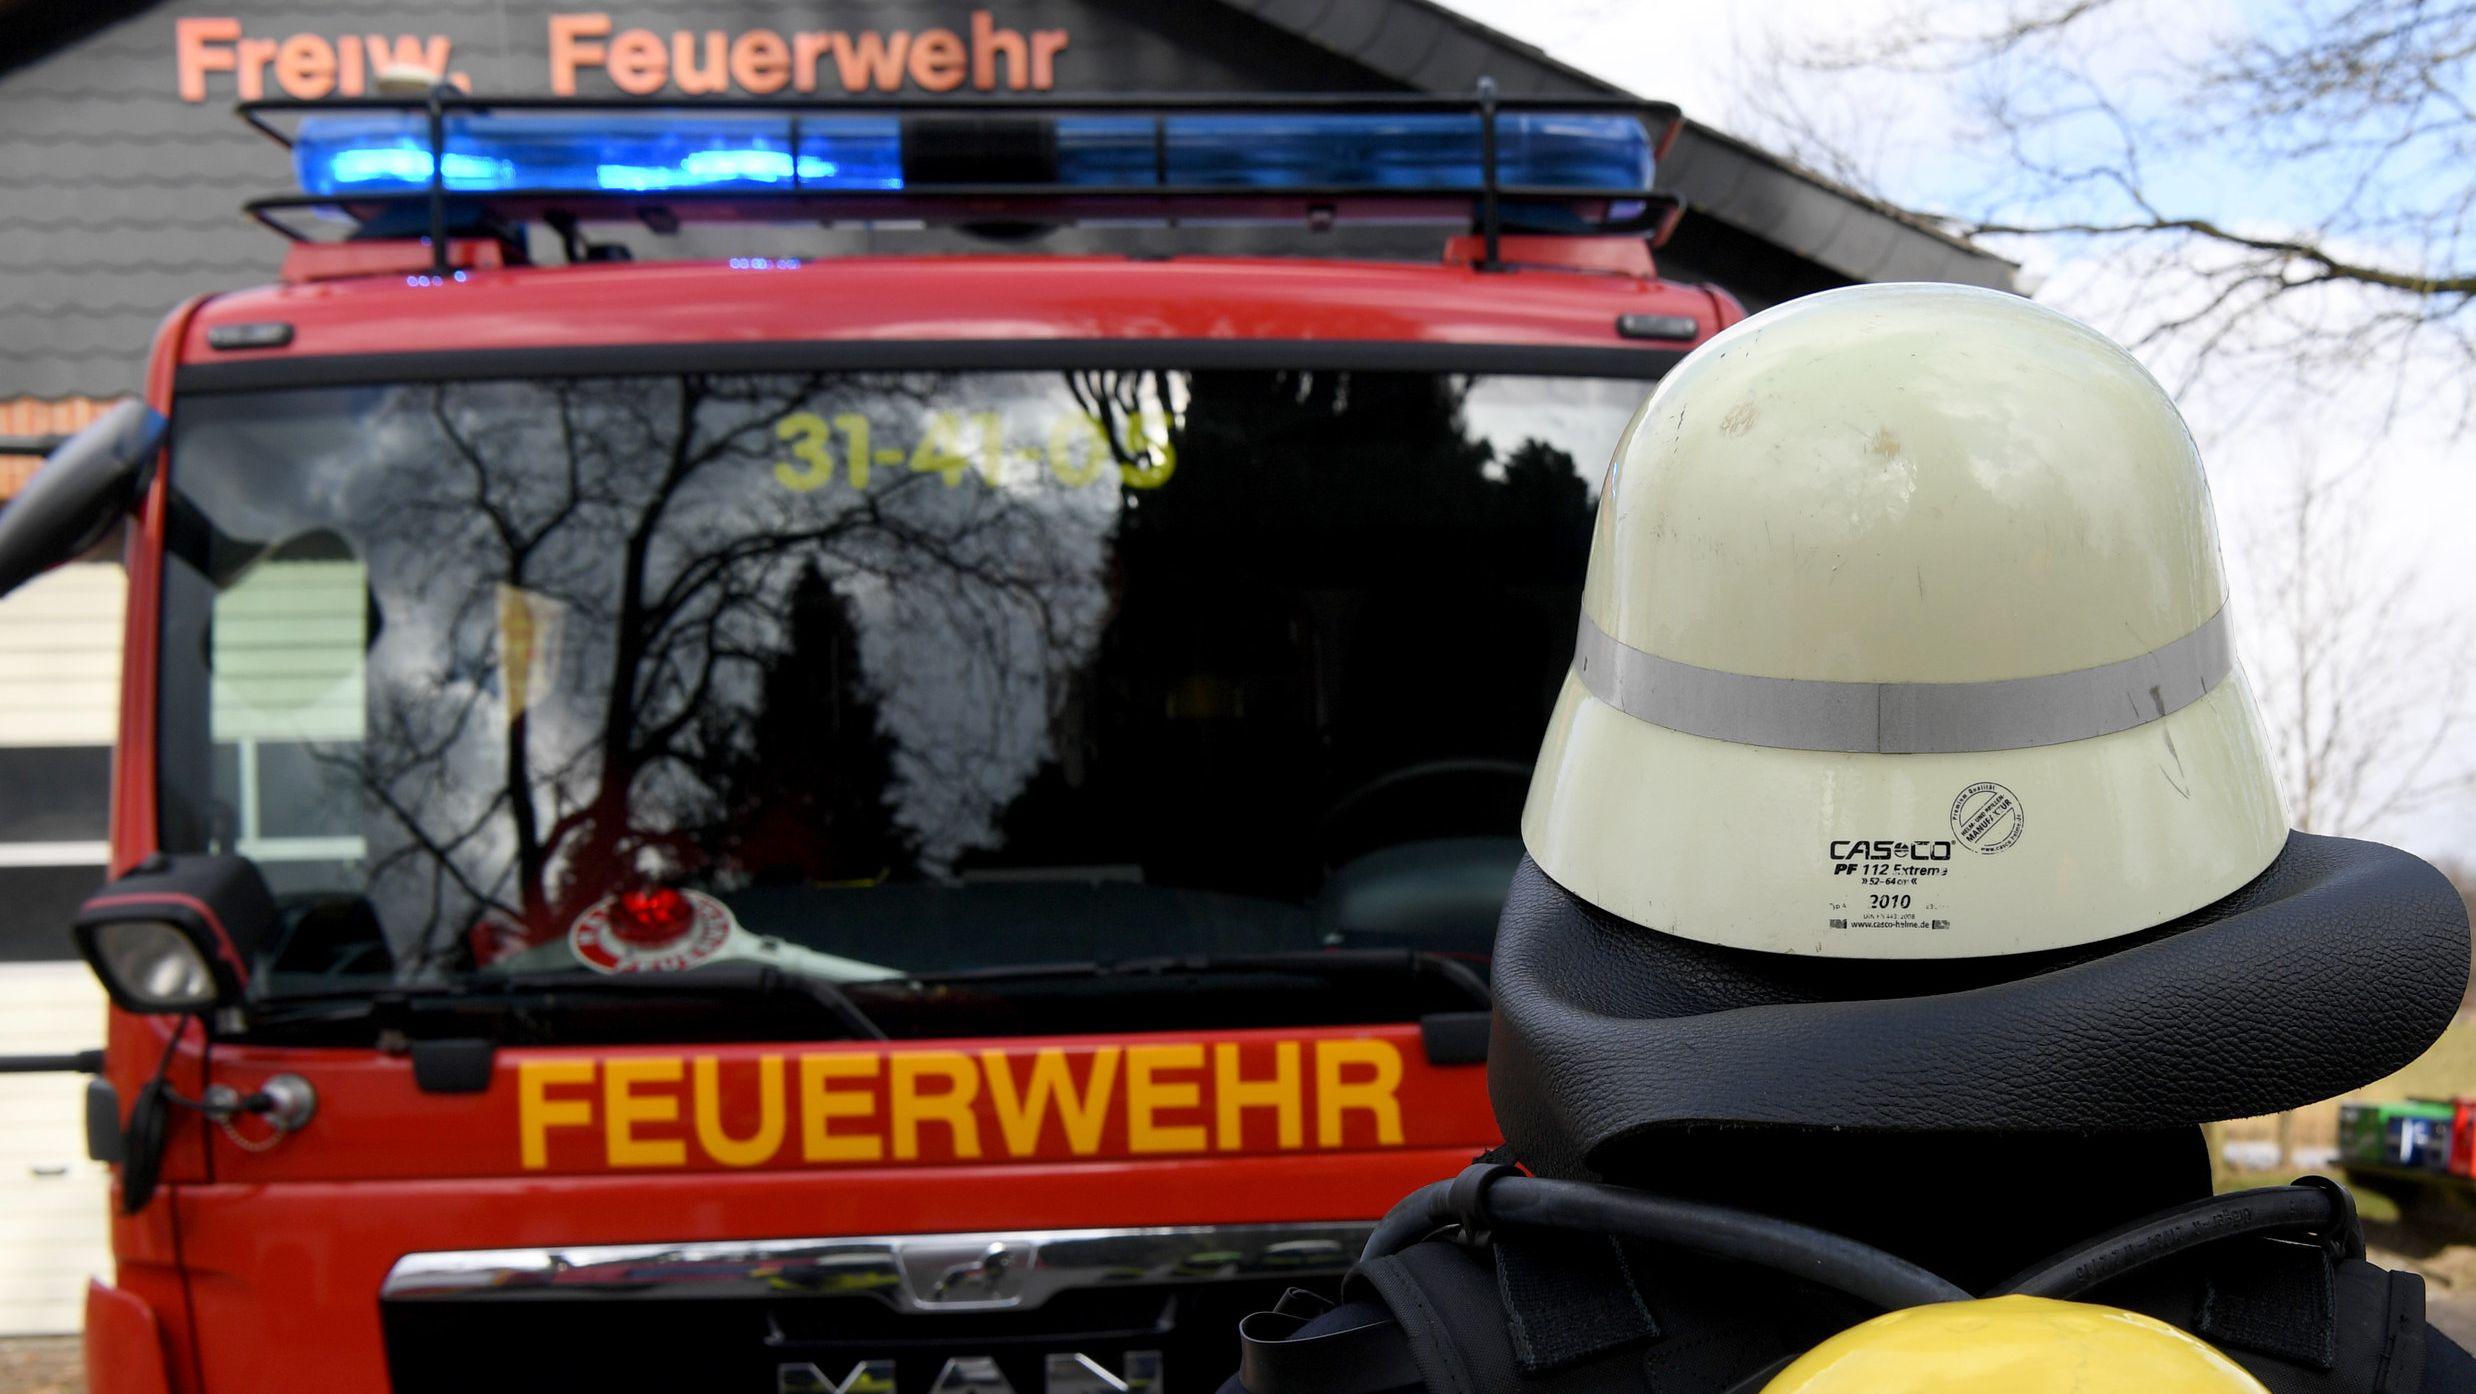 Feuerwehrmann steht vor Löschfahrzeug